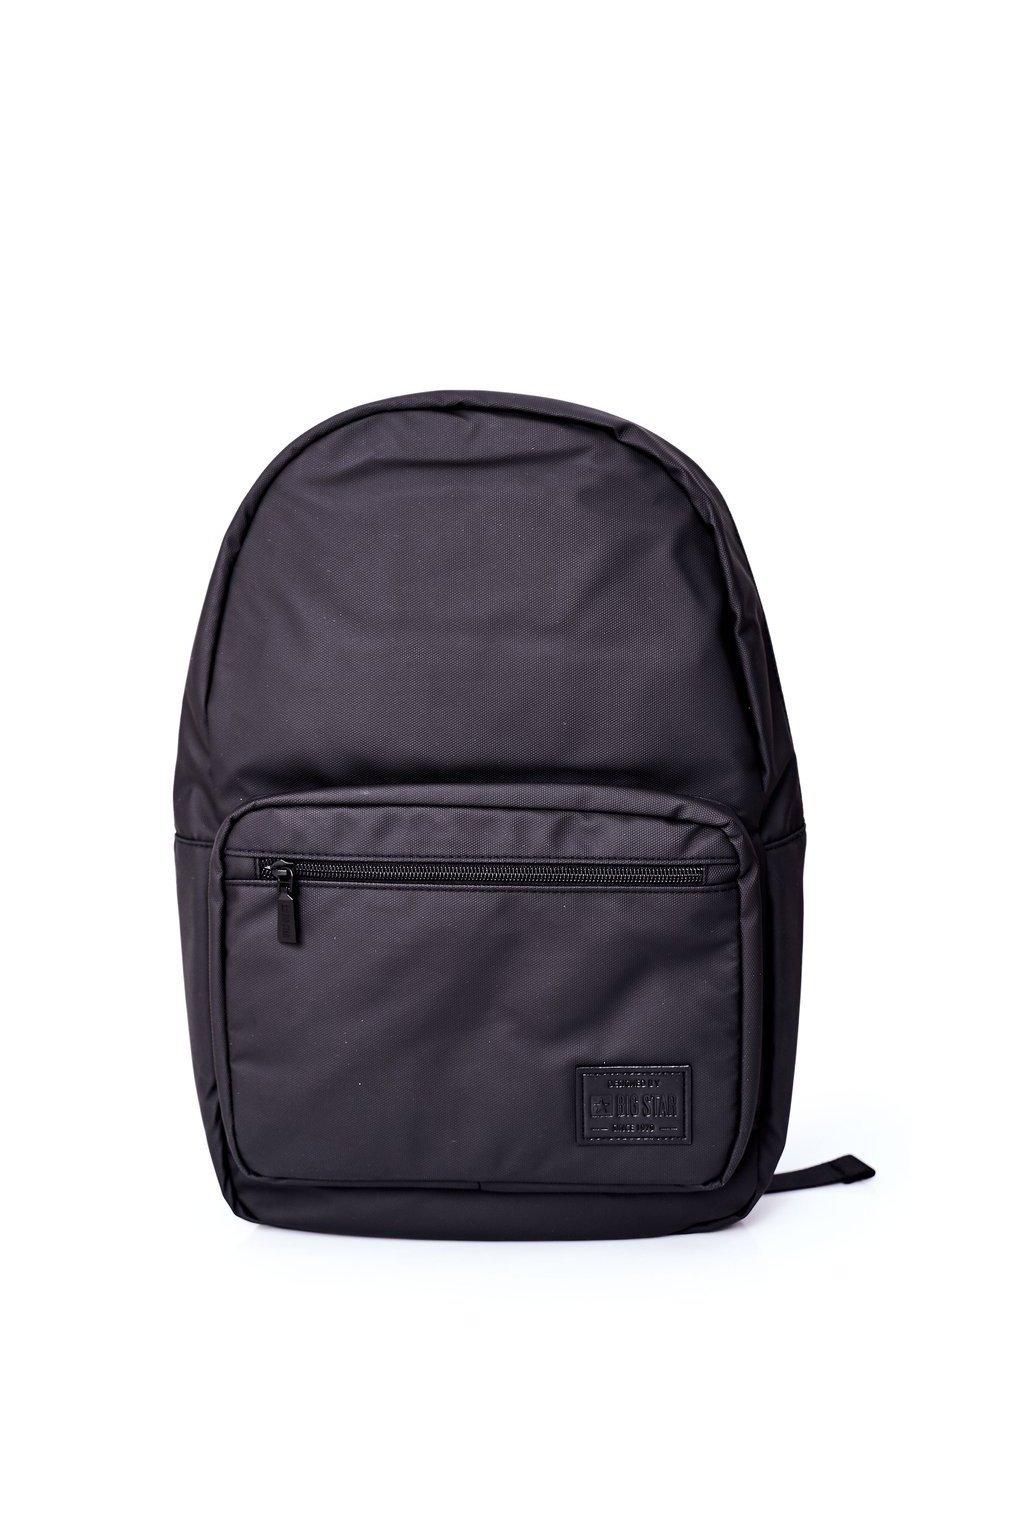 Čierny batoh BS HH574156 BLK